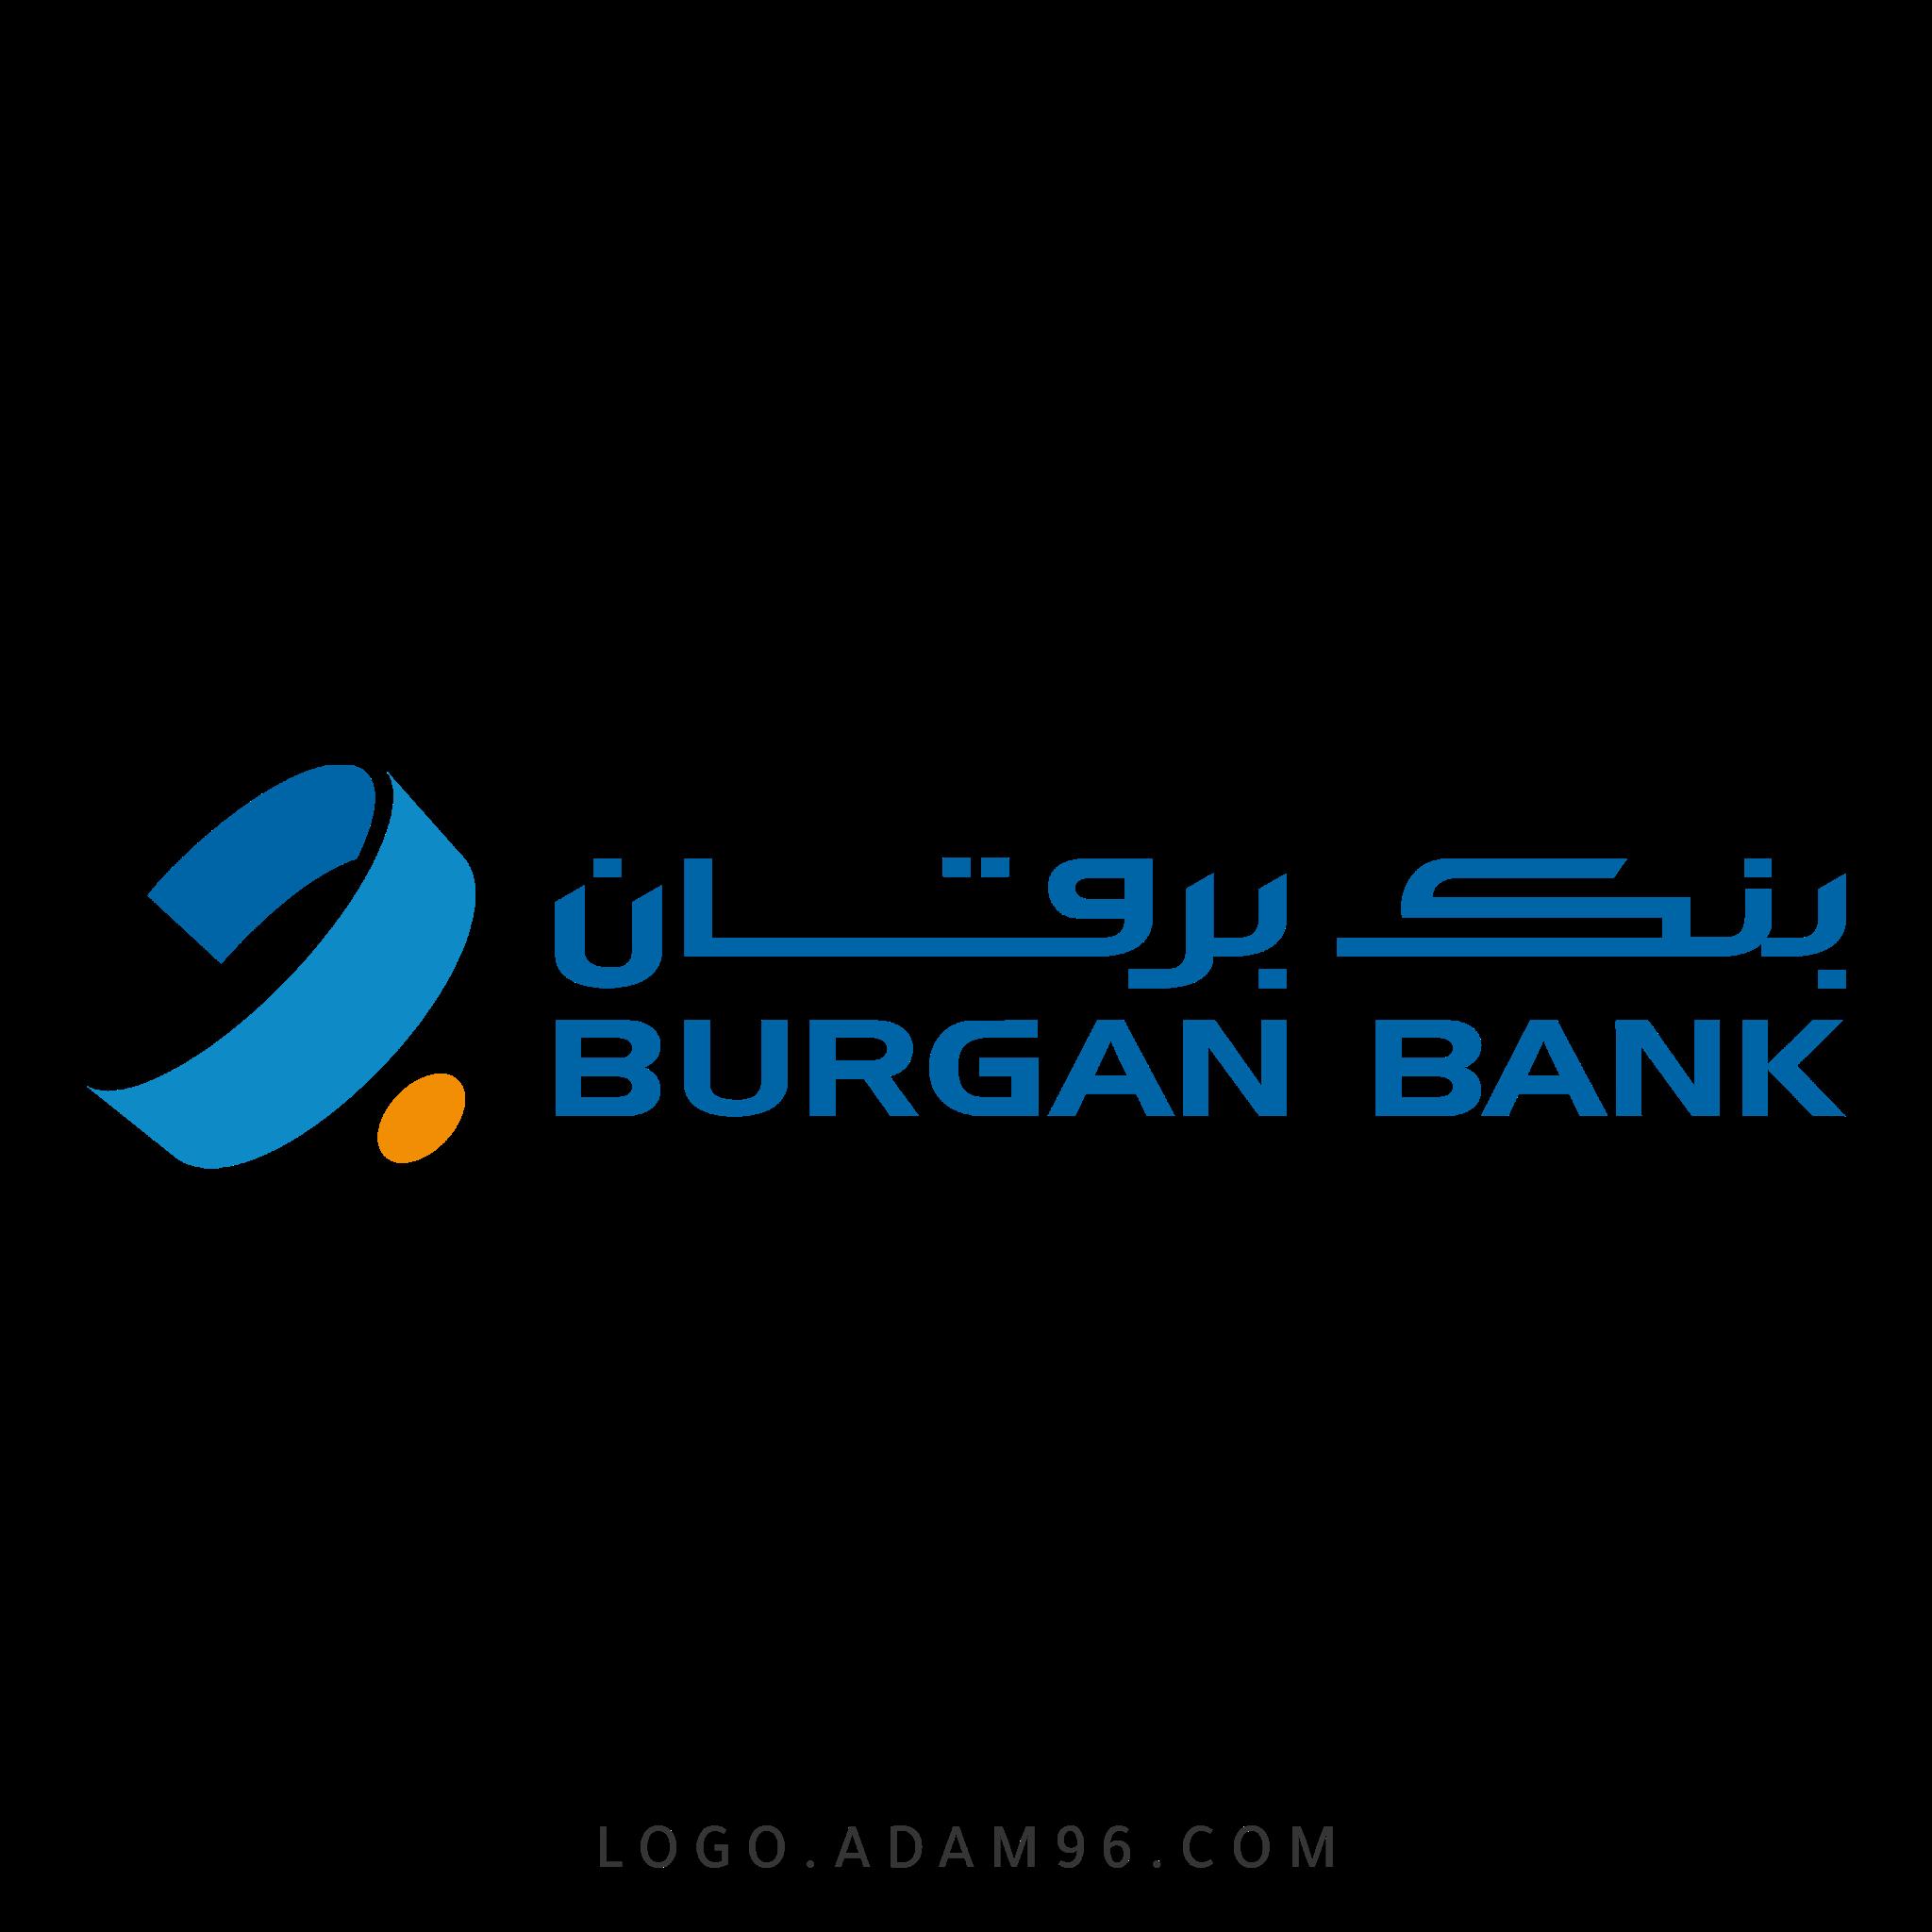 تحميل شعار بنك برقان لوجو رسمي عالي الجودة Logo Burgan Bank PNG